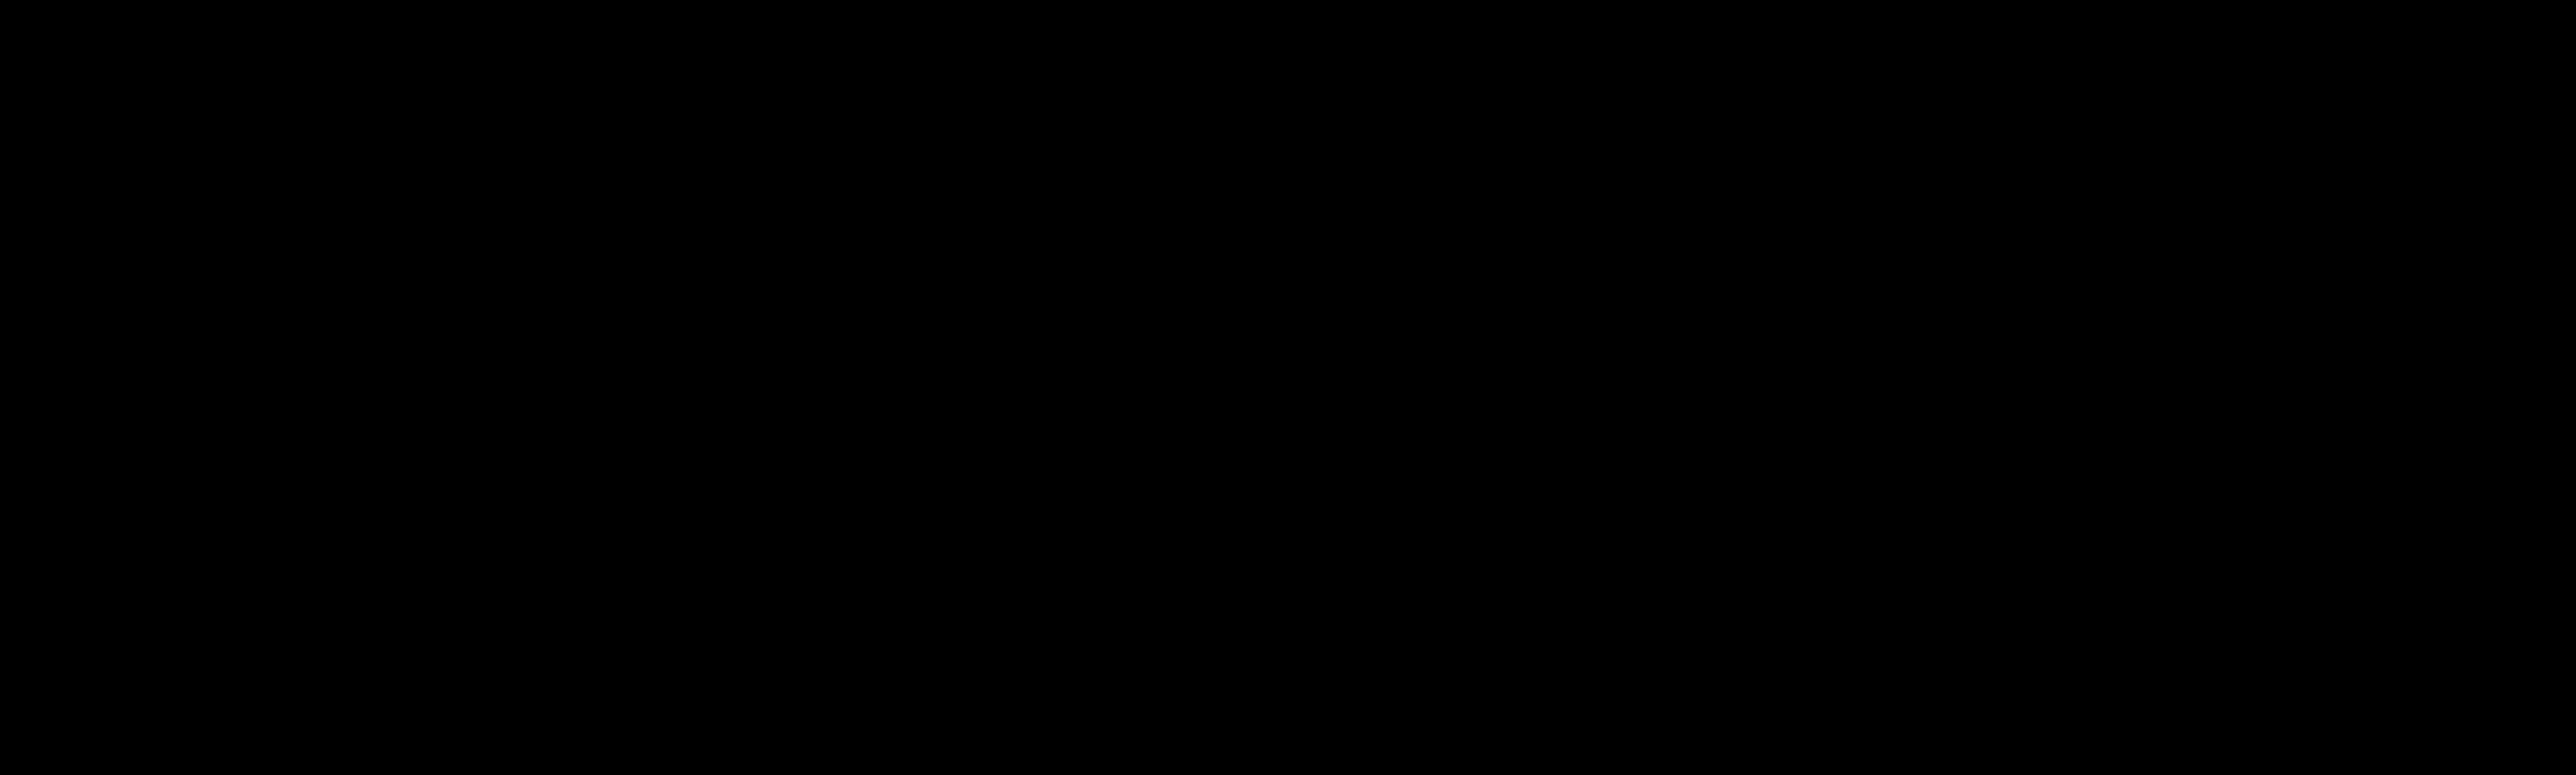 paper icon button size cpiP4nL